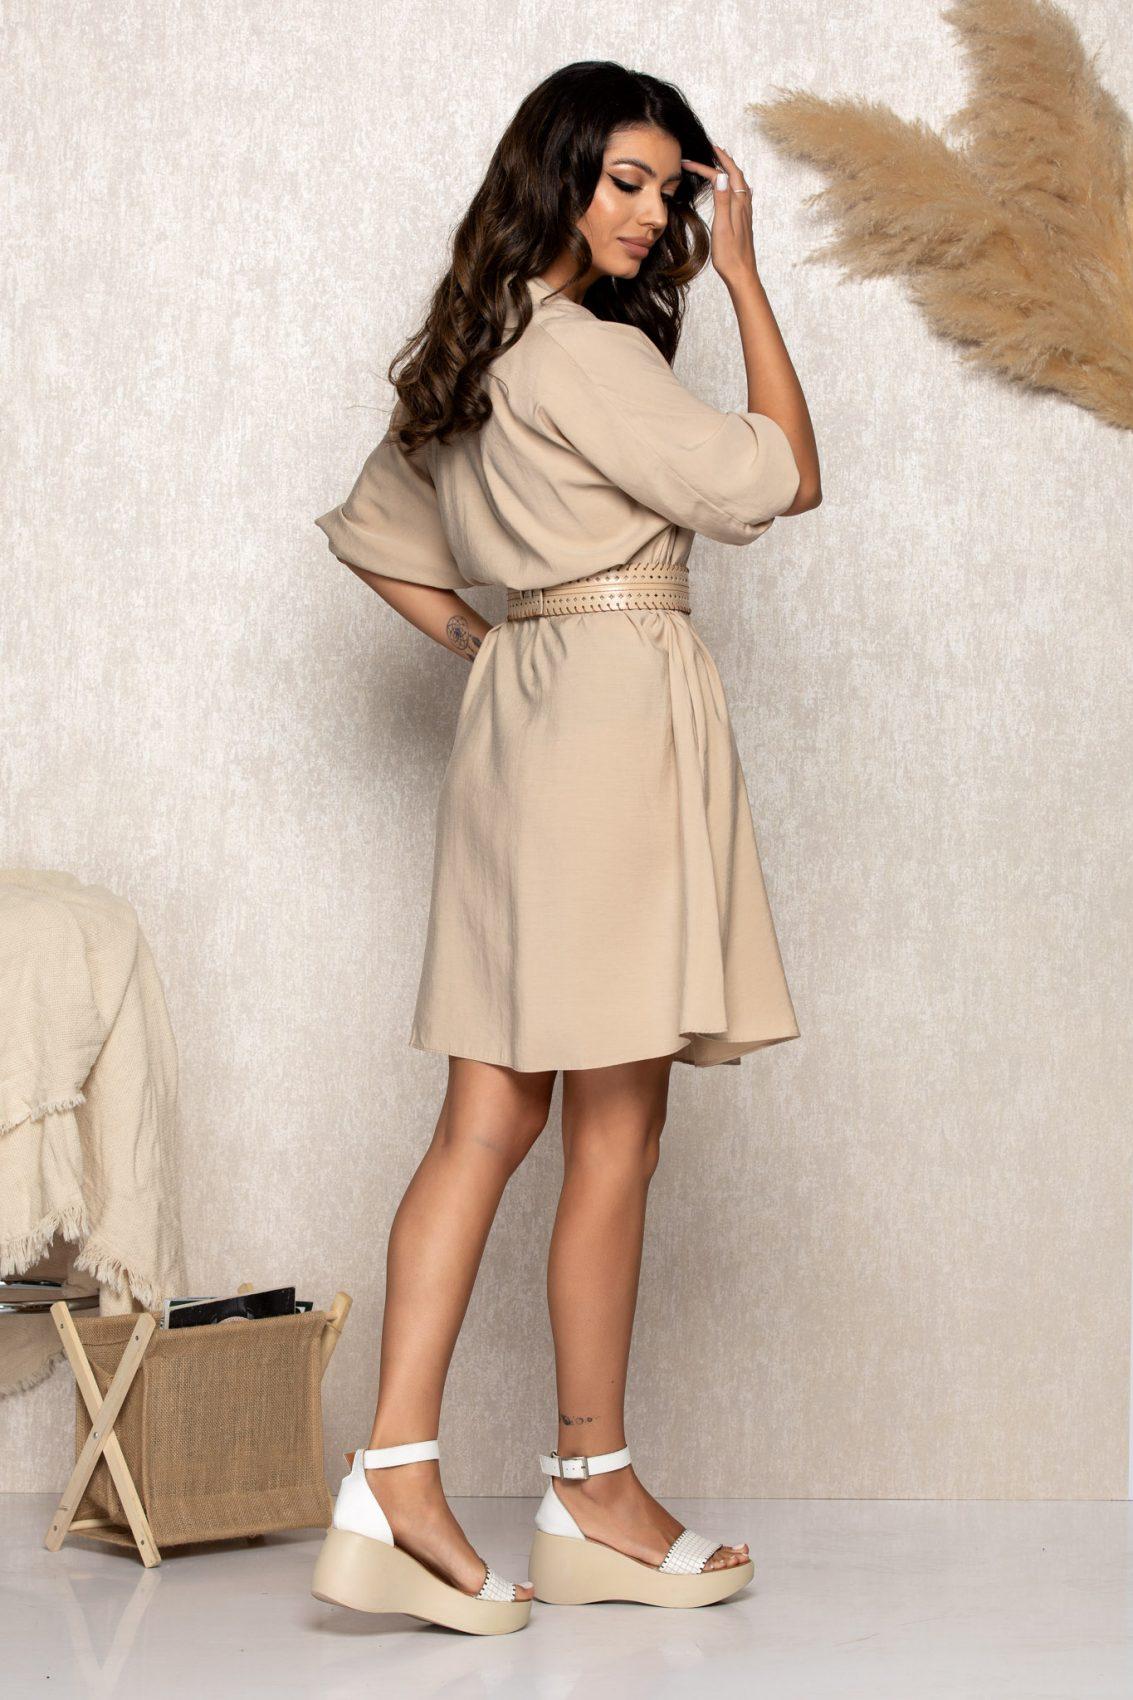 Μπεζ Φόρεμα Με Ζώνη Molly B170 2